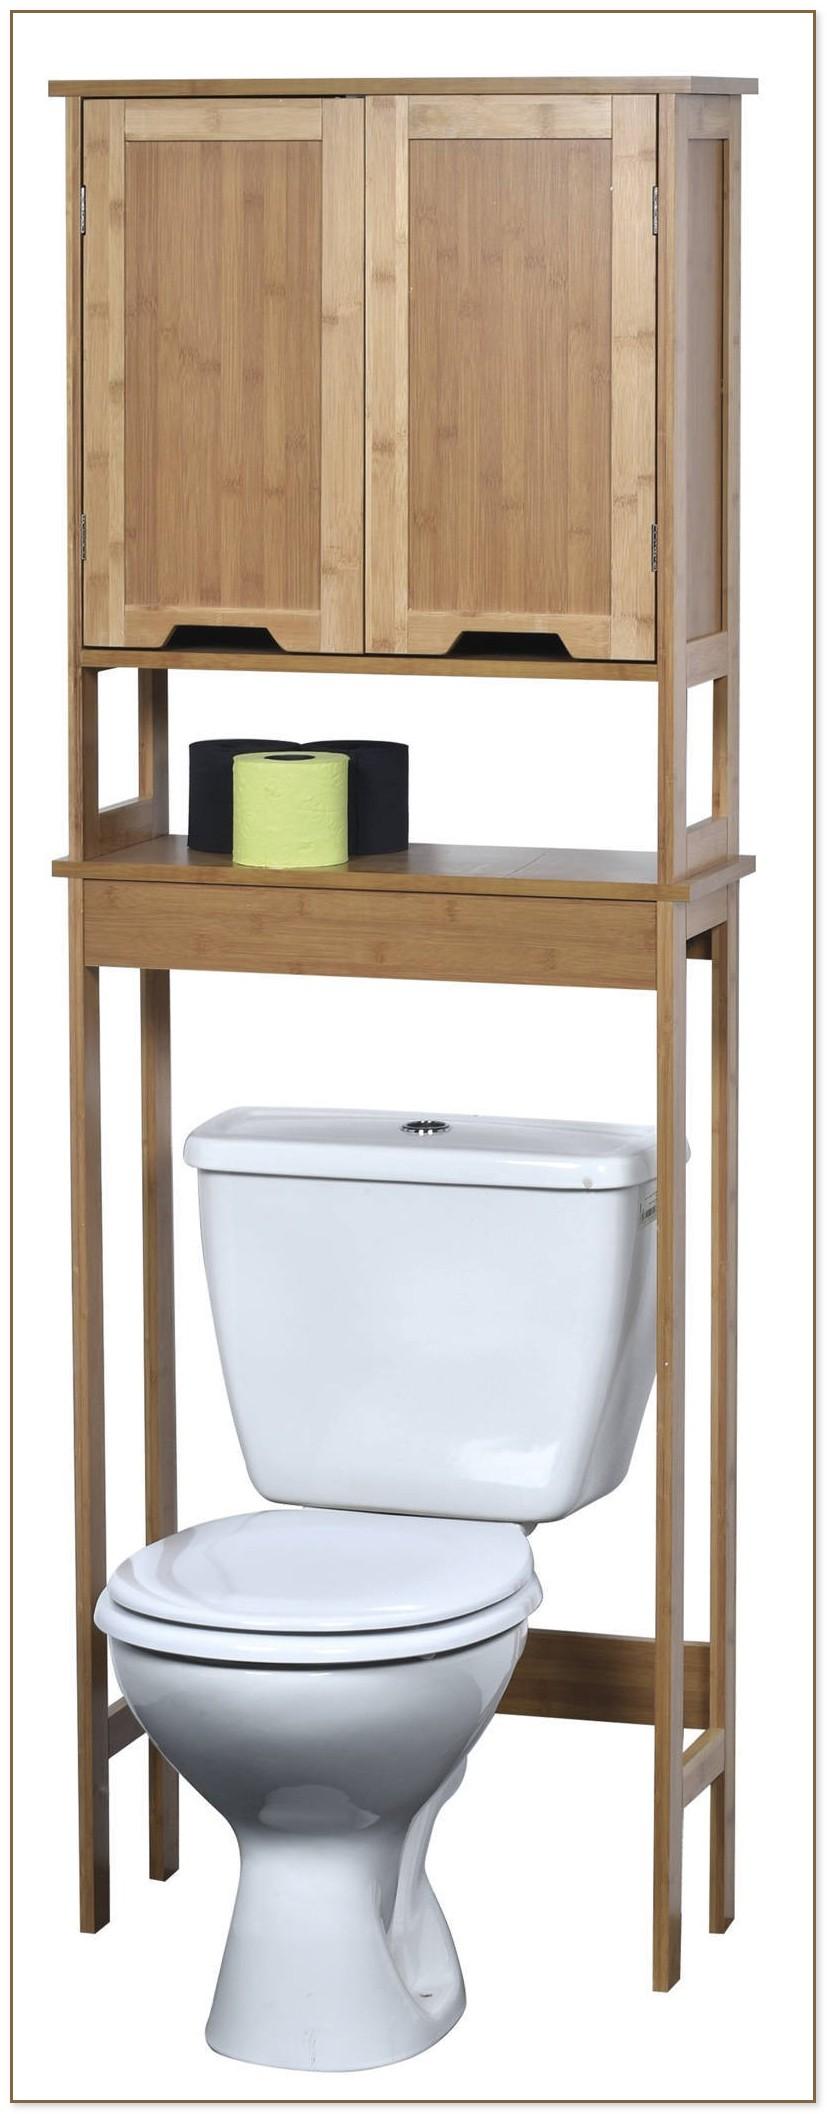 Home Depot Bathroom Vanities 24 Inch